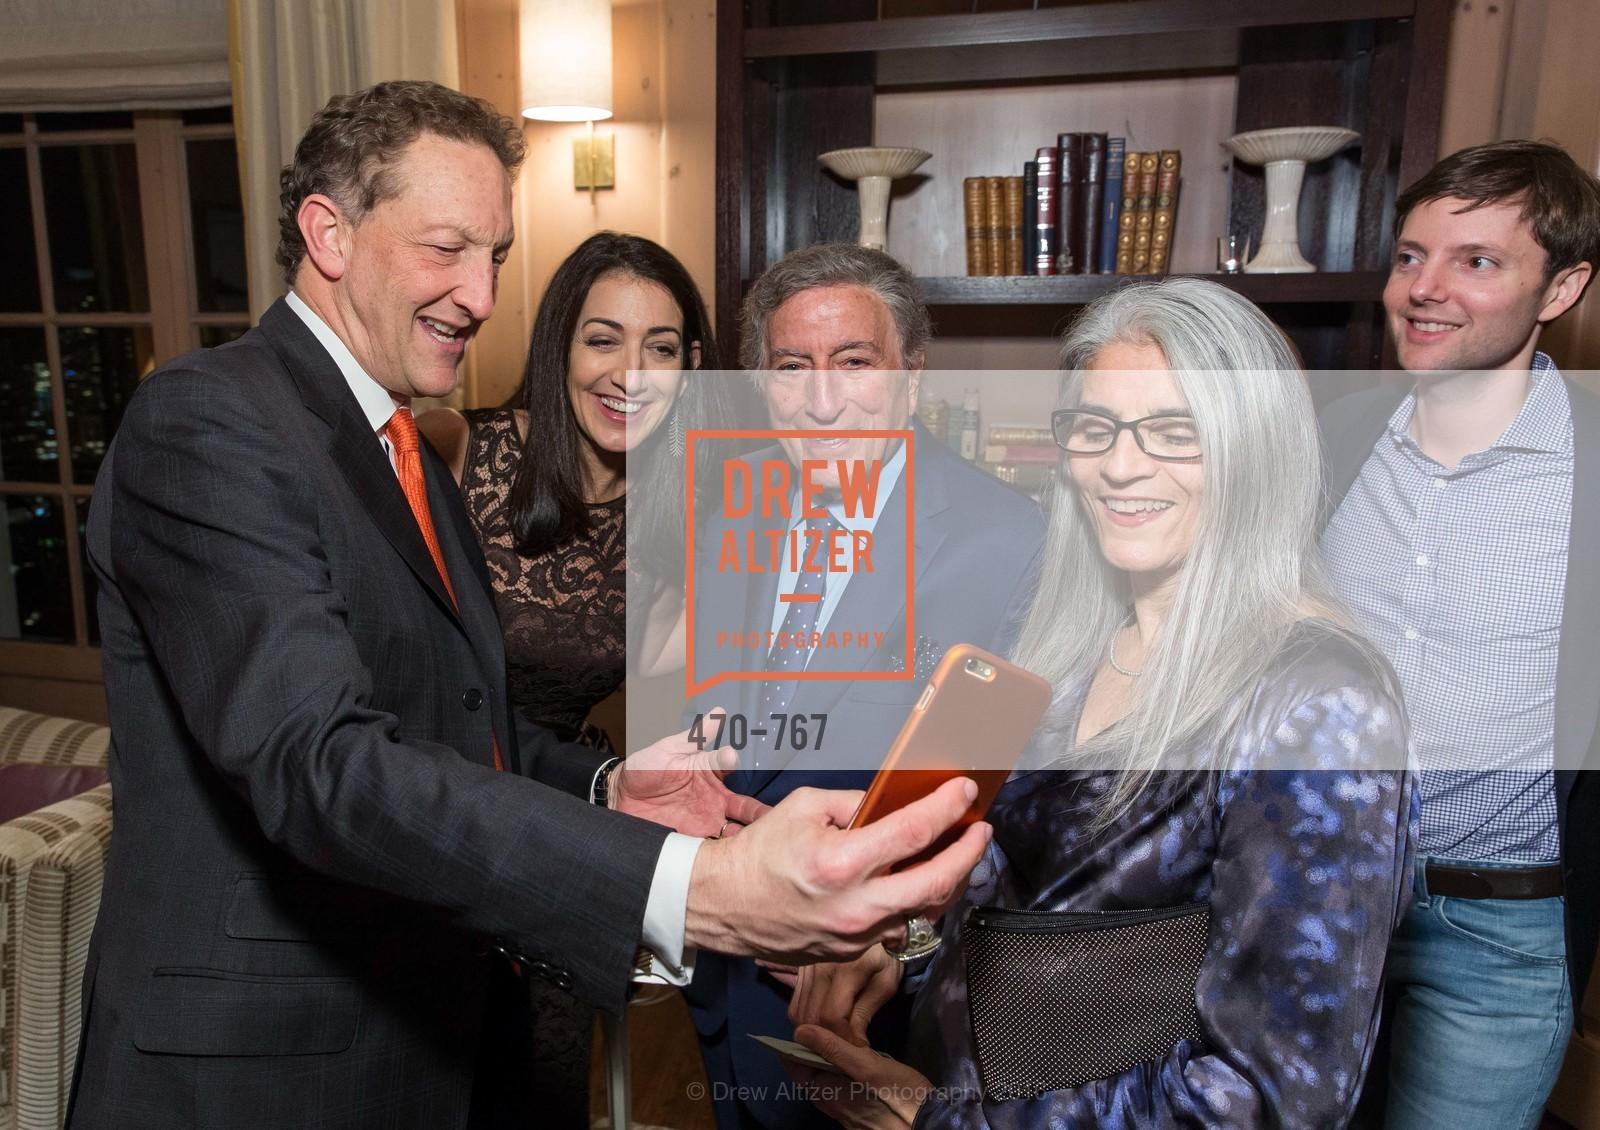 Larry Baer, Pam Baer, Tony Bennett, Photo #470-767